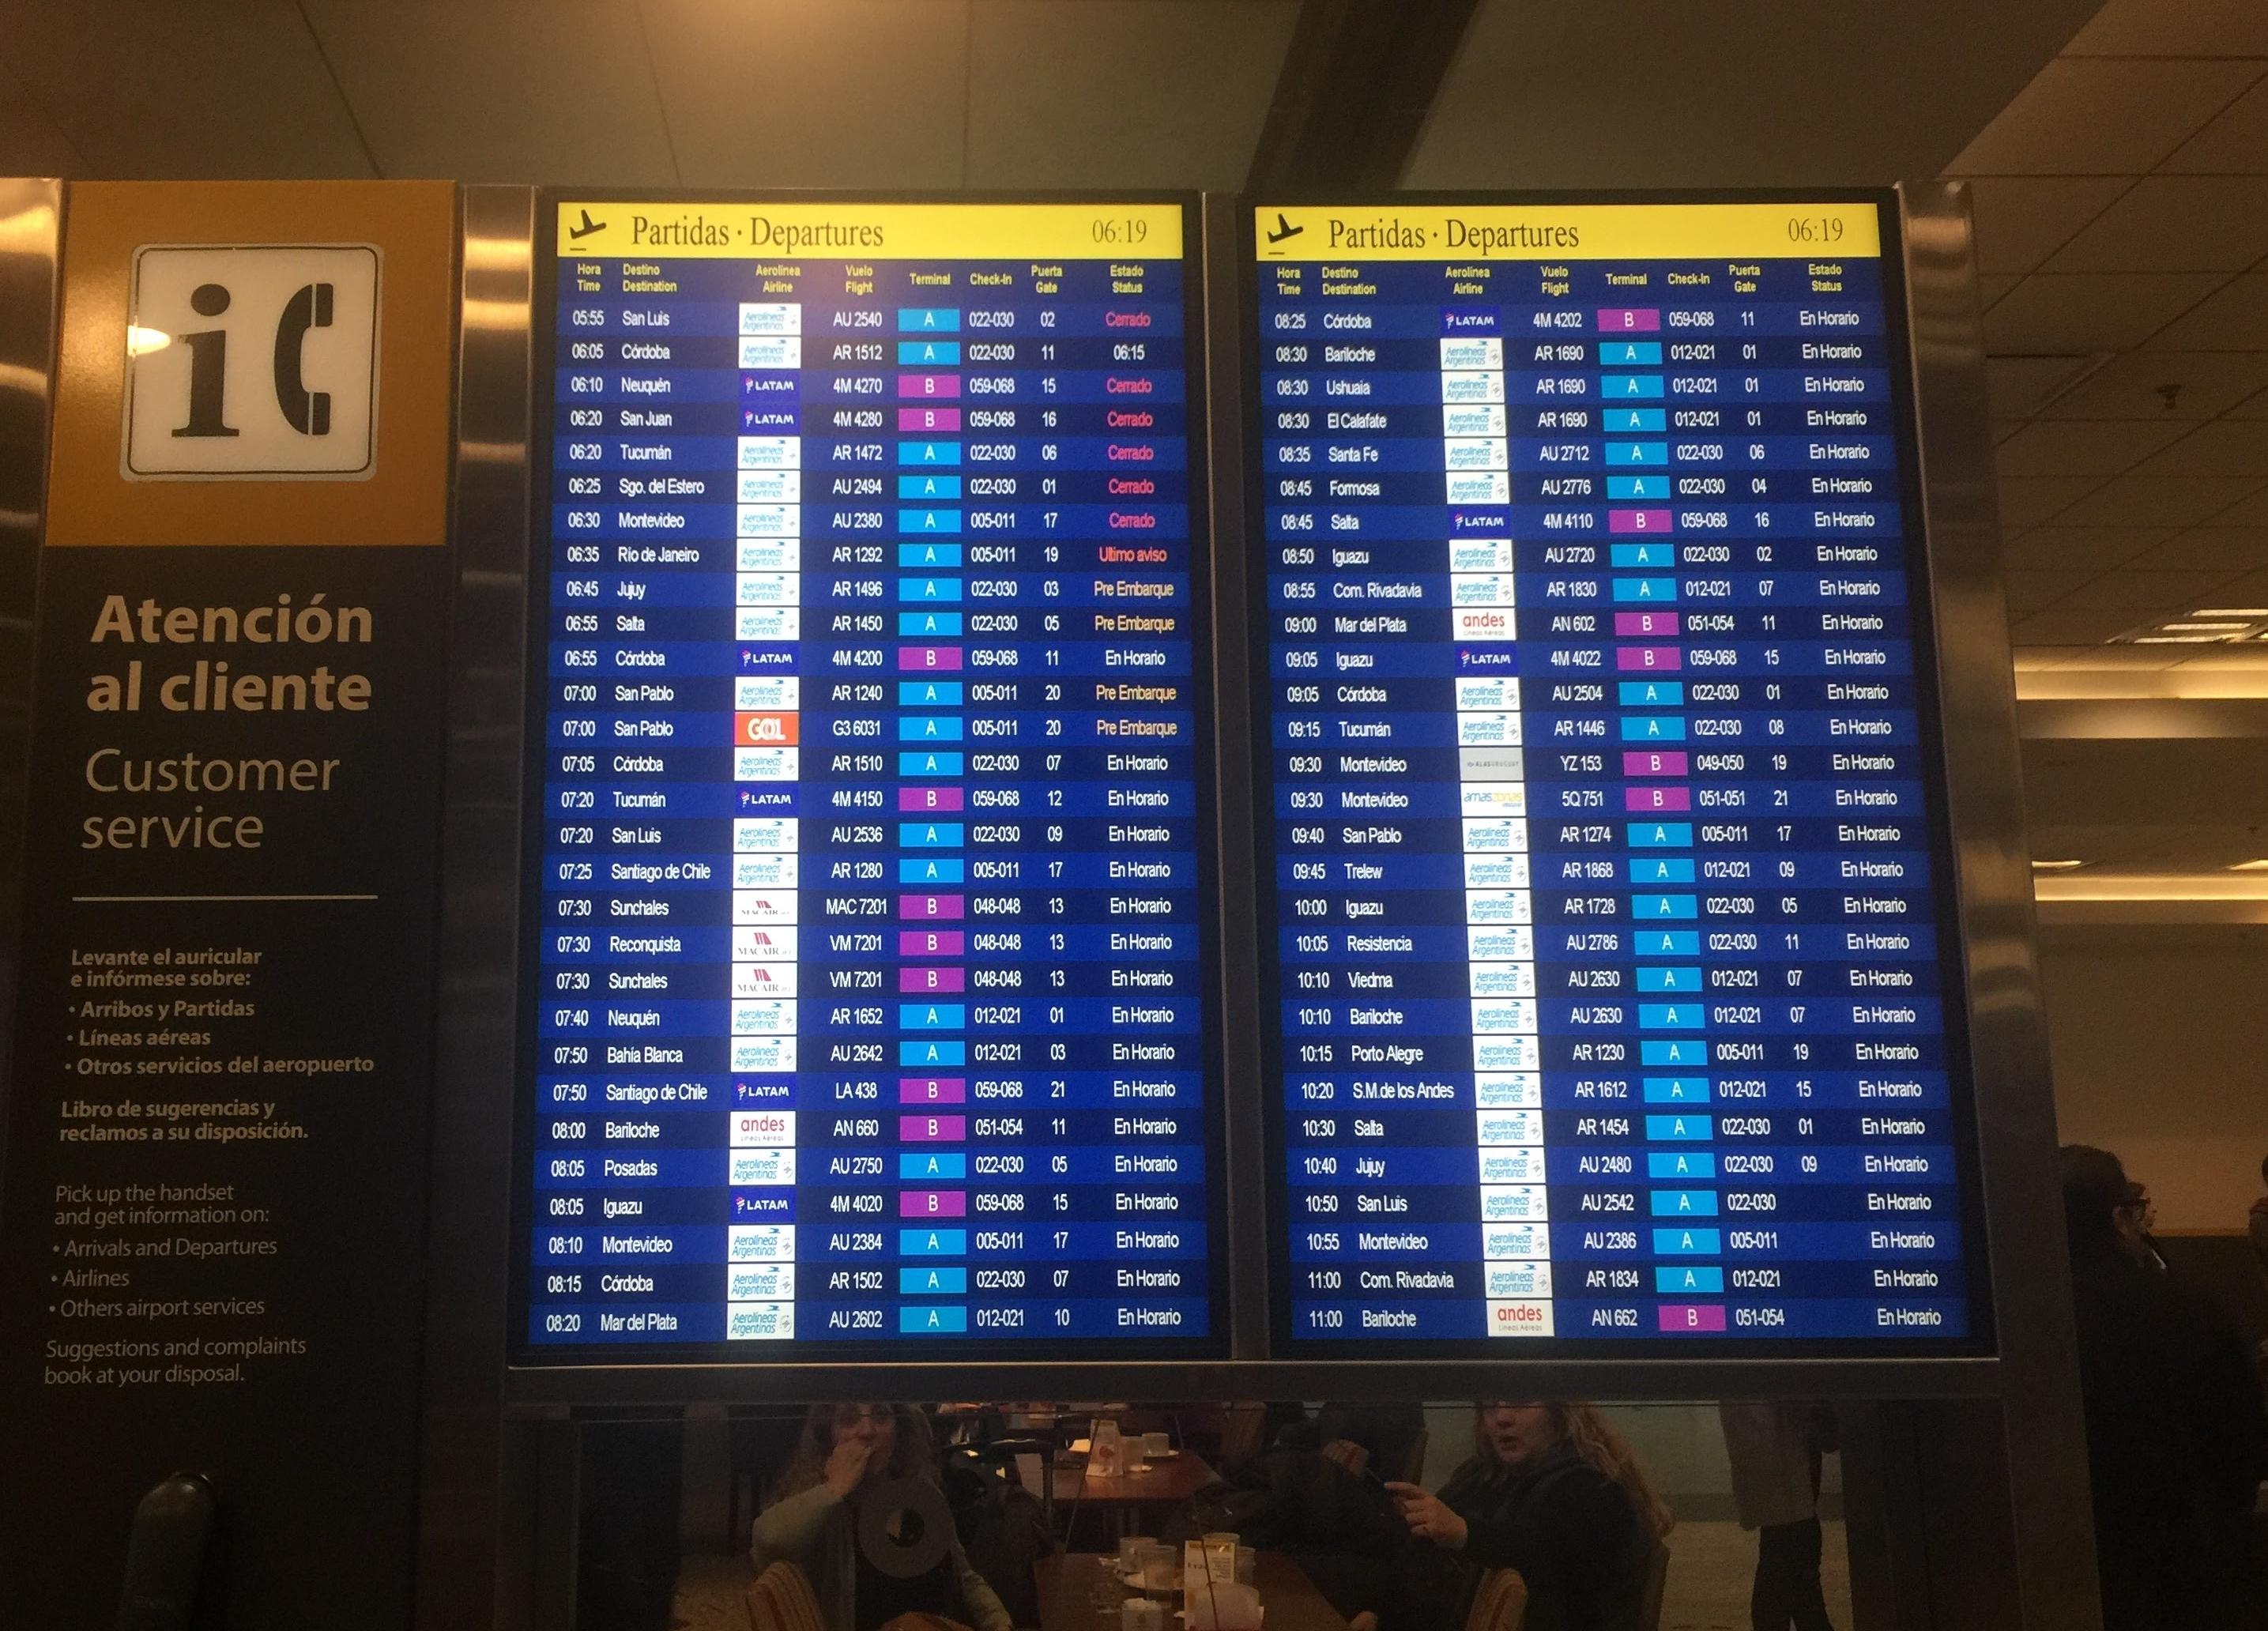 Problemas en Aeroparque el viernes 16 de noviembre